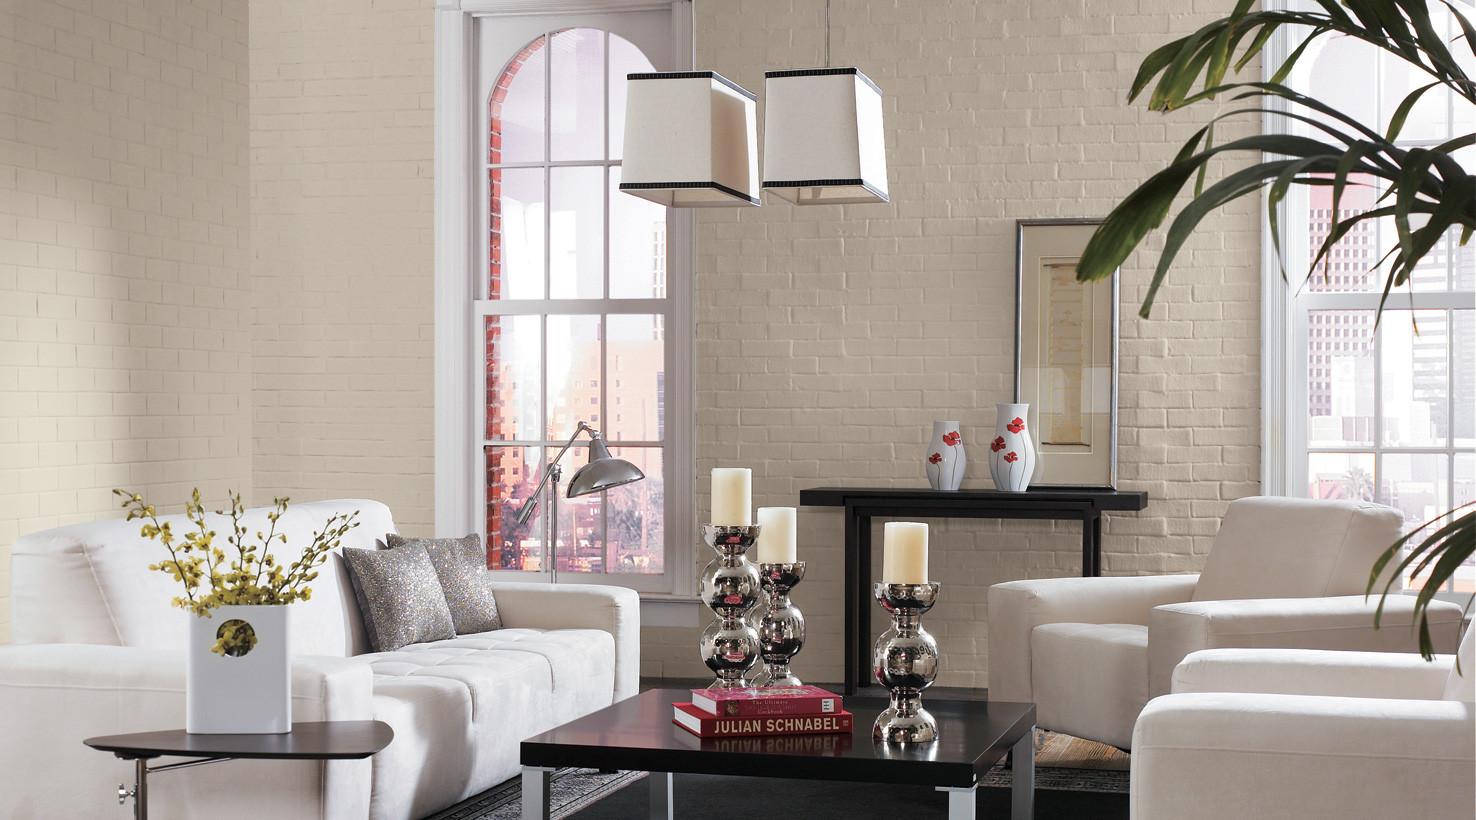 Living Room Paint Color  30 Best Living Room Paint Colors Ideas